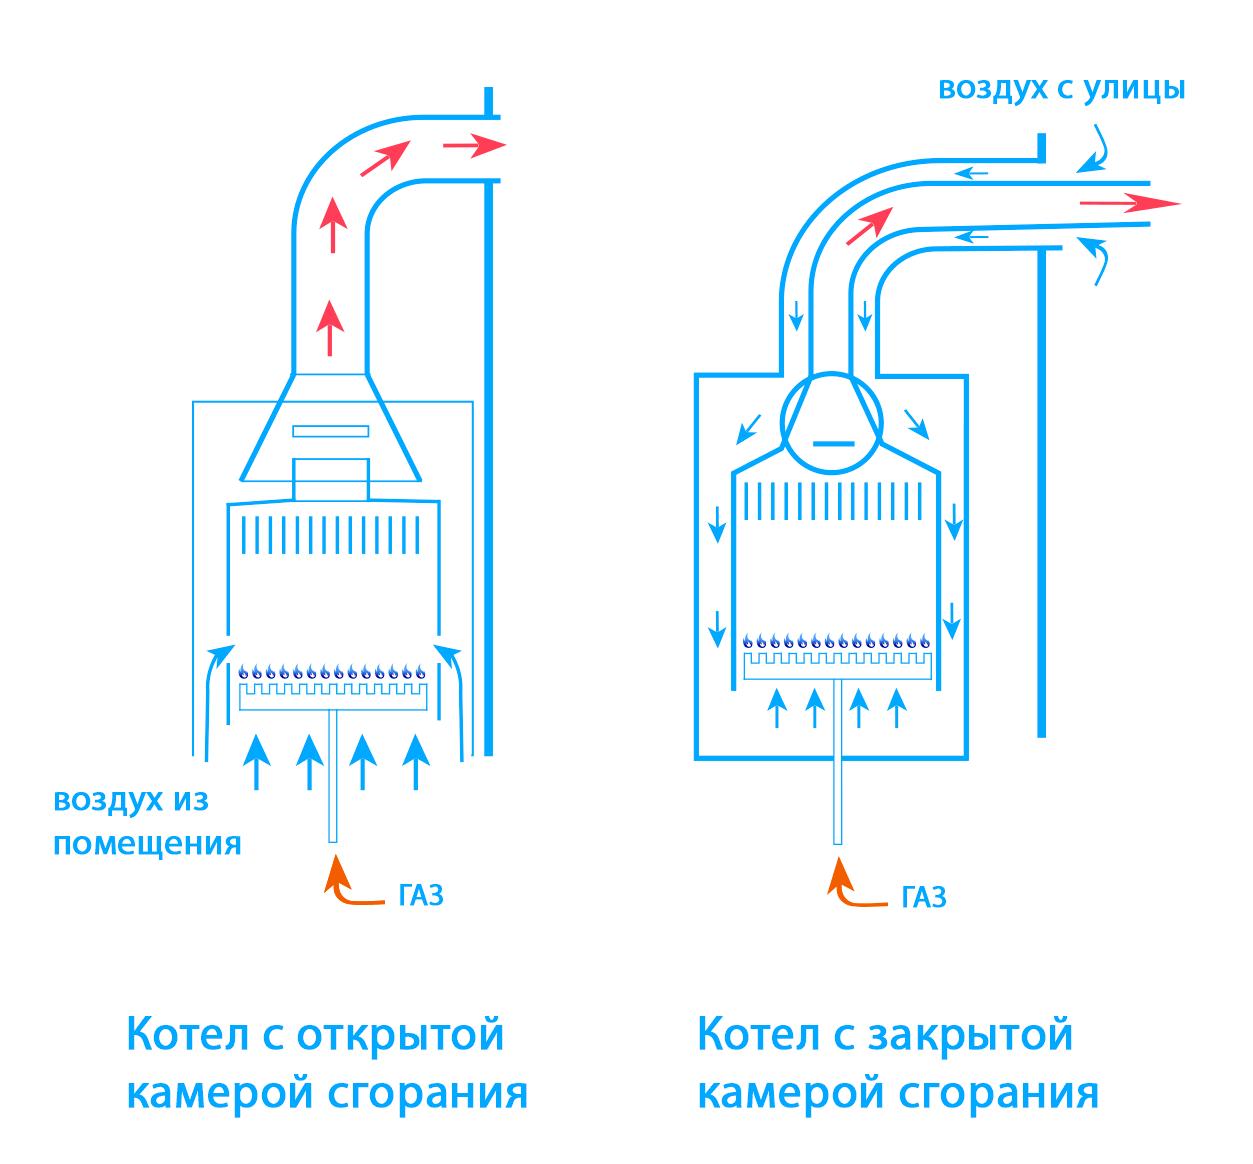 Чем отличаются котлы с открыnой и закрытой камерой сгорания